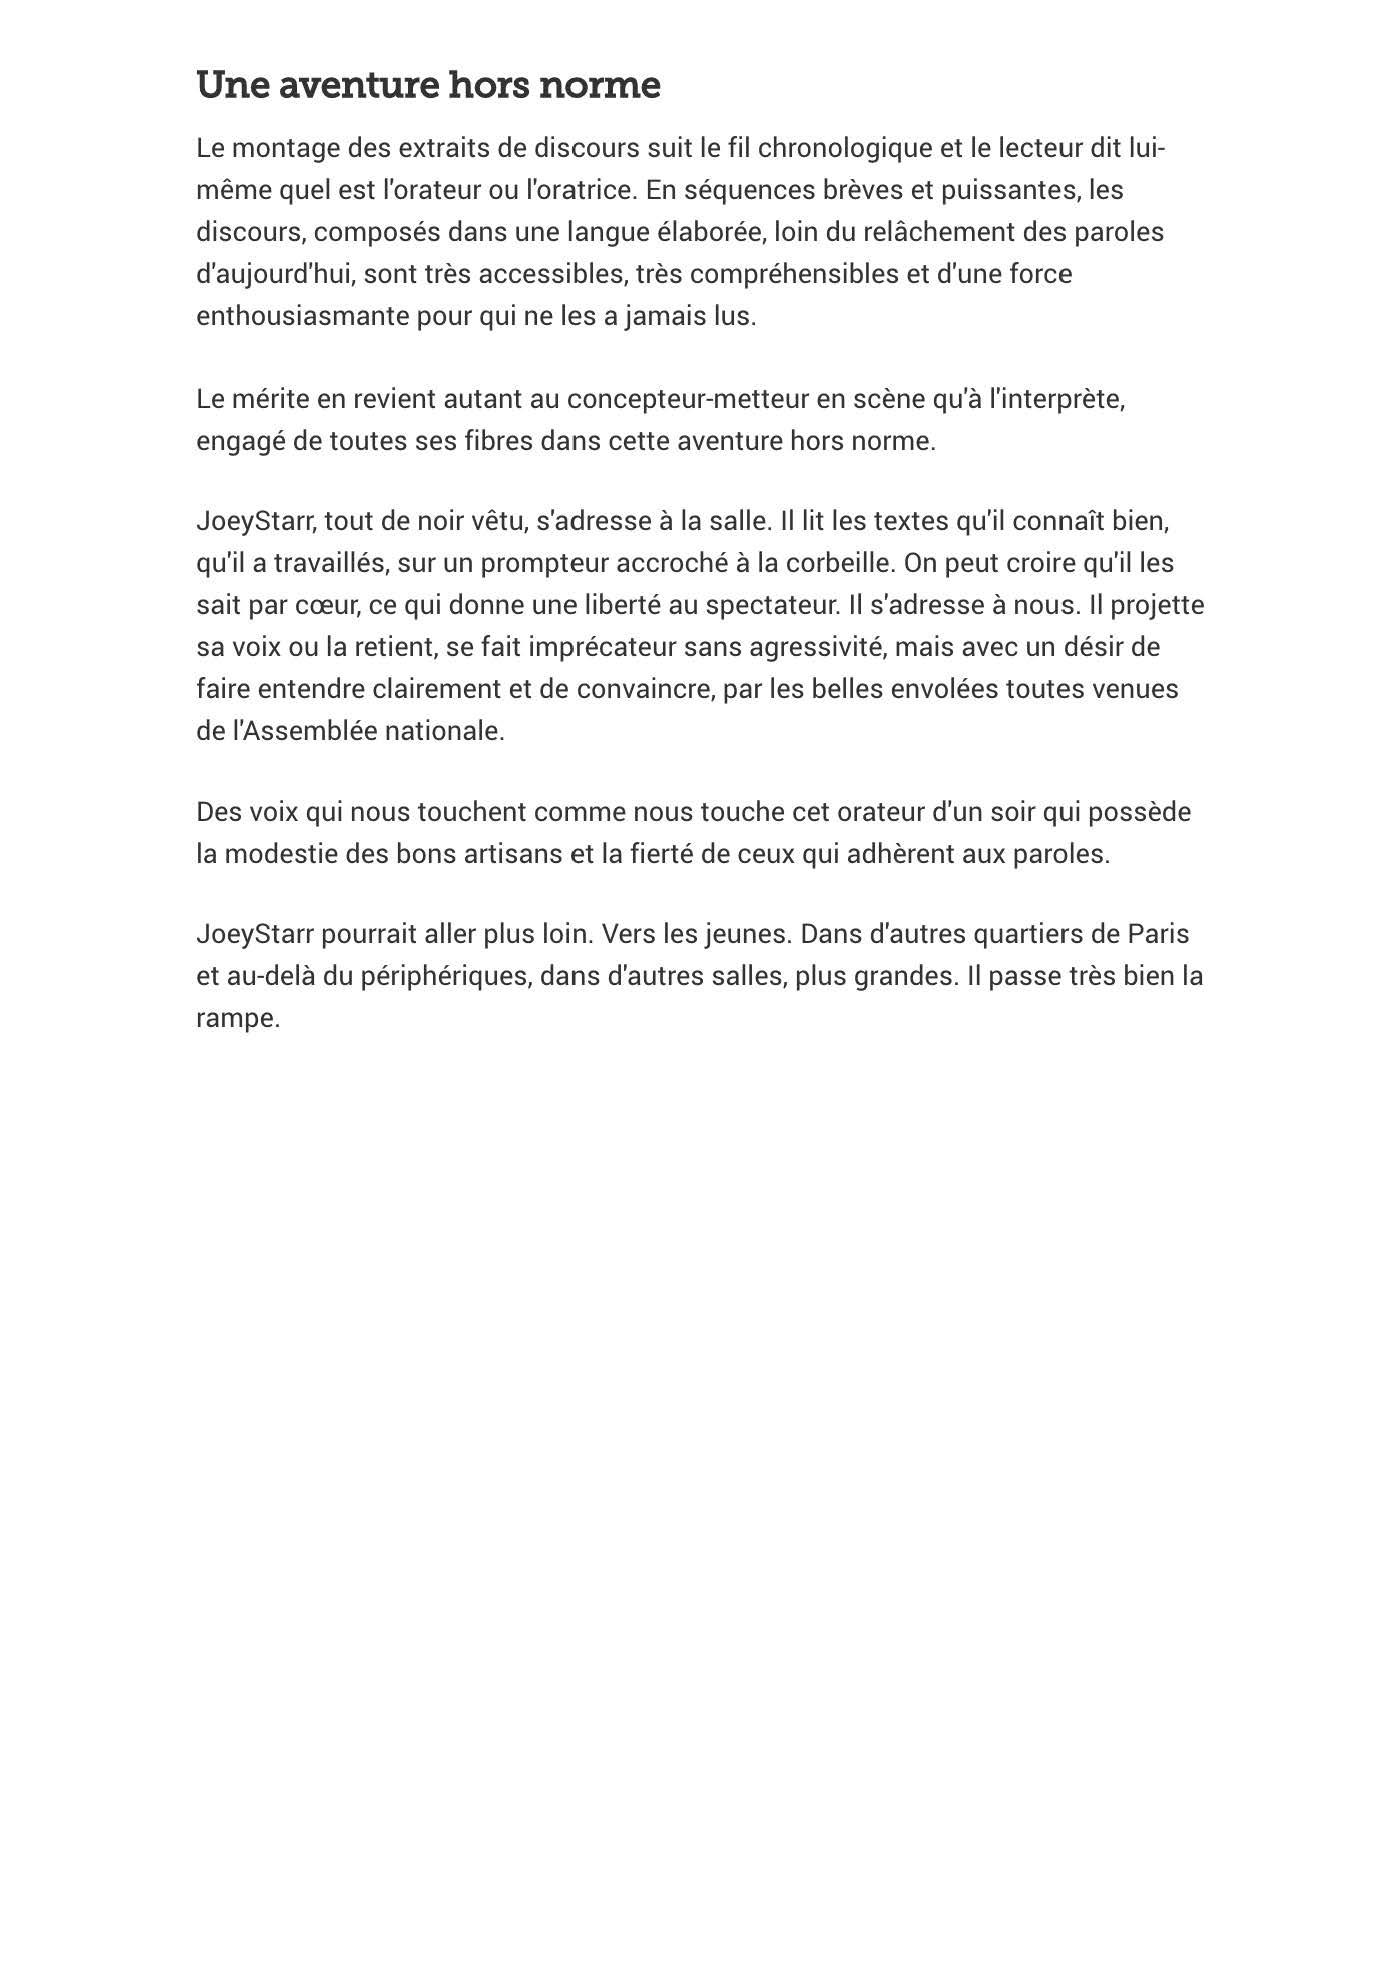 REVUE DE PRESSE 2017 THEATRE DE L'ATELIER_Page_11